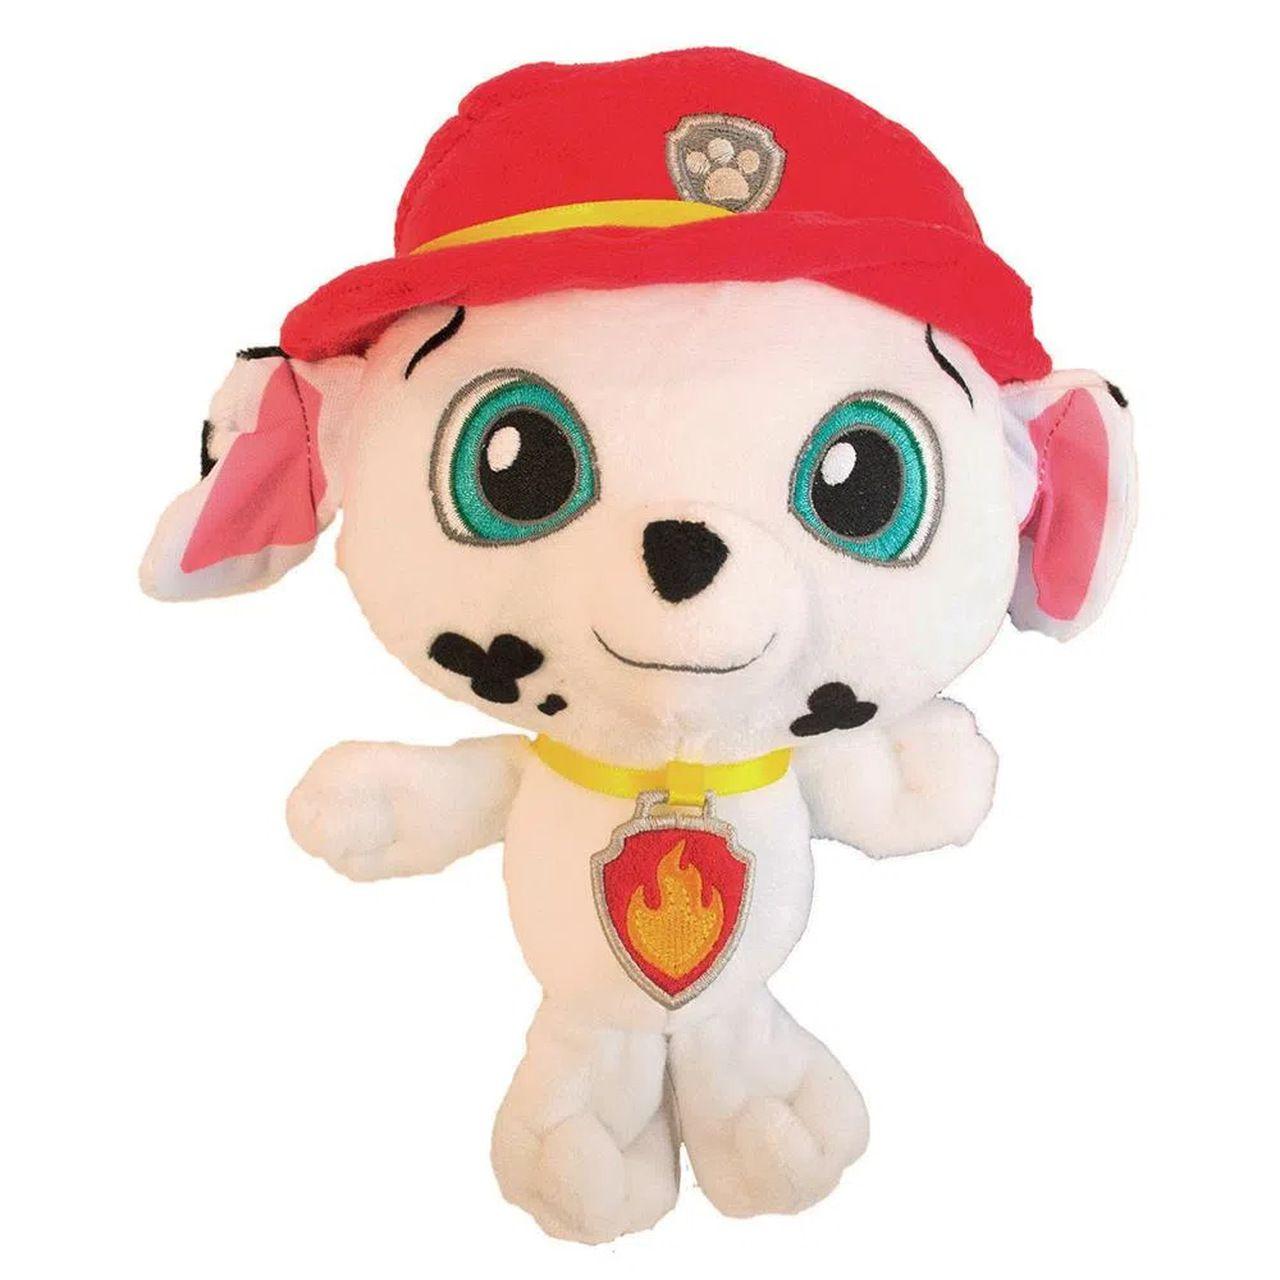 Patrulha Canina - Pelúcia Baby - Marshall 25cm Original Suny